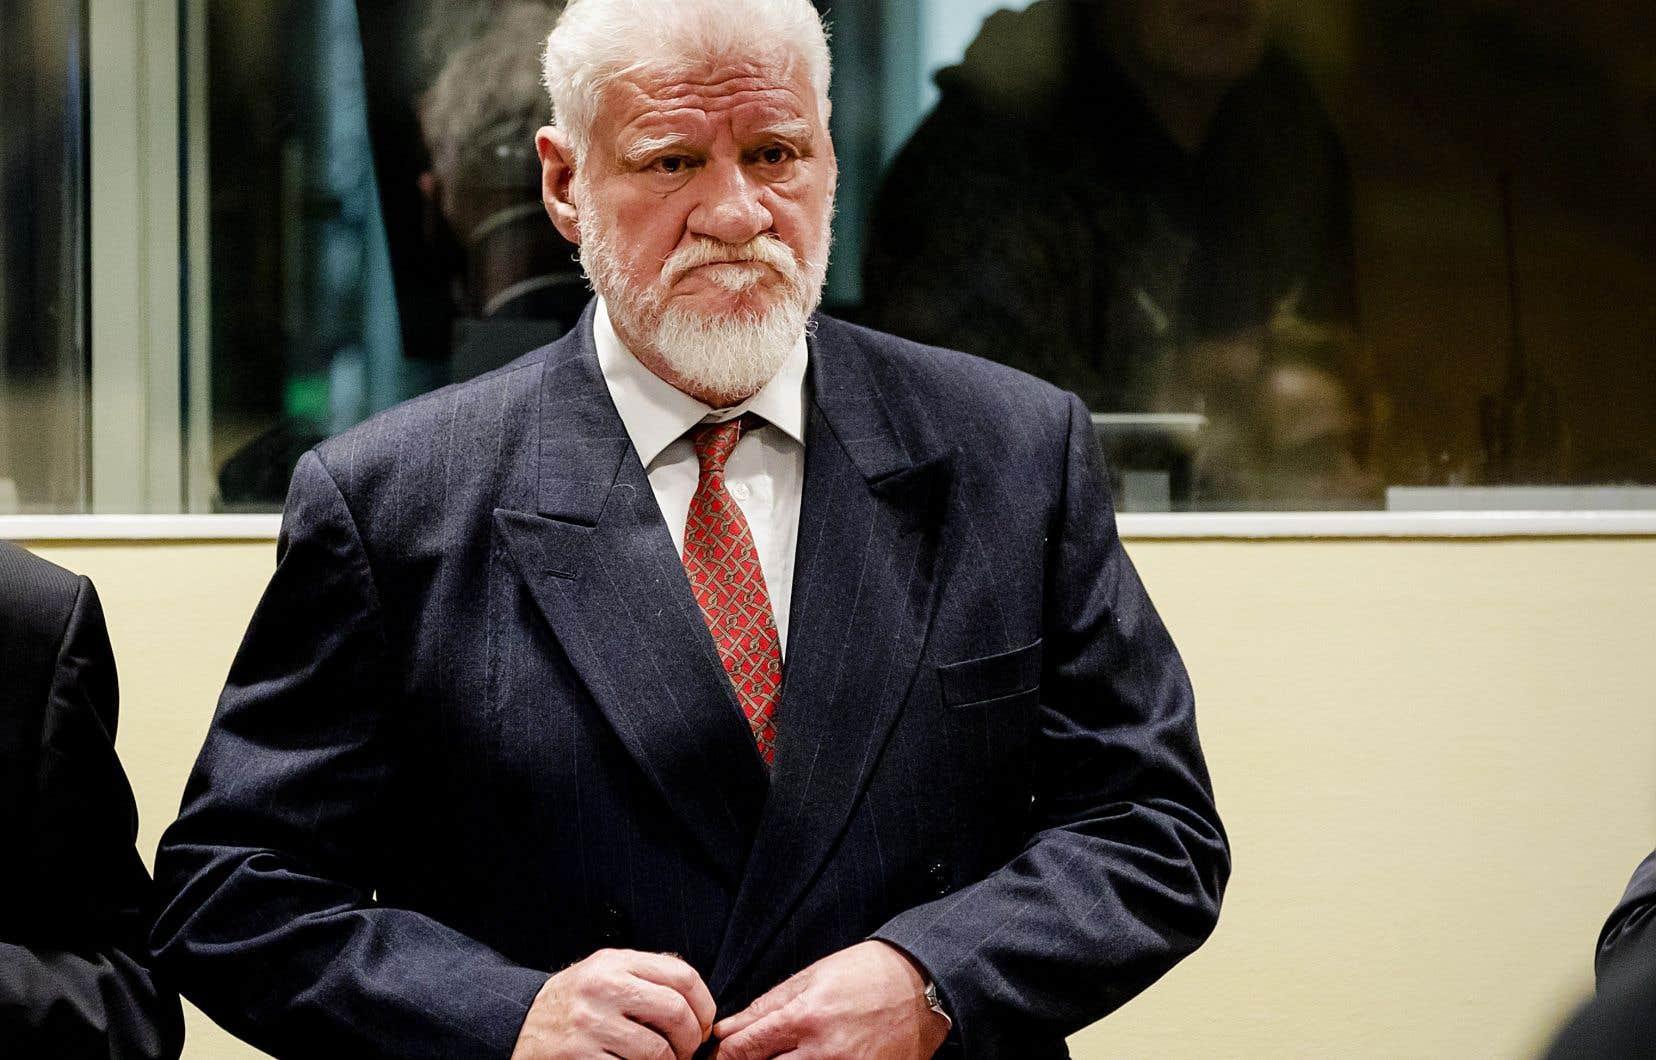 Slobodan Praljak s'est donné la mort en buvant une fiole de poison juste après avoir reçu la confirmation de sa condamnation à 20ans de prison par le TPIY.